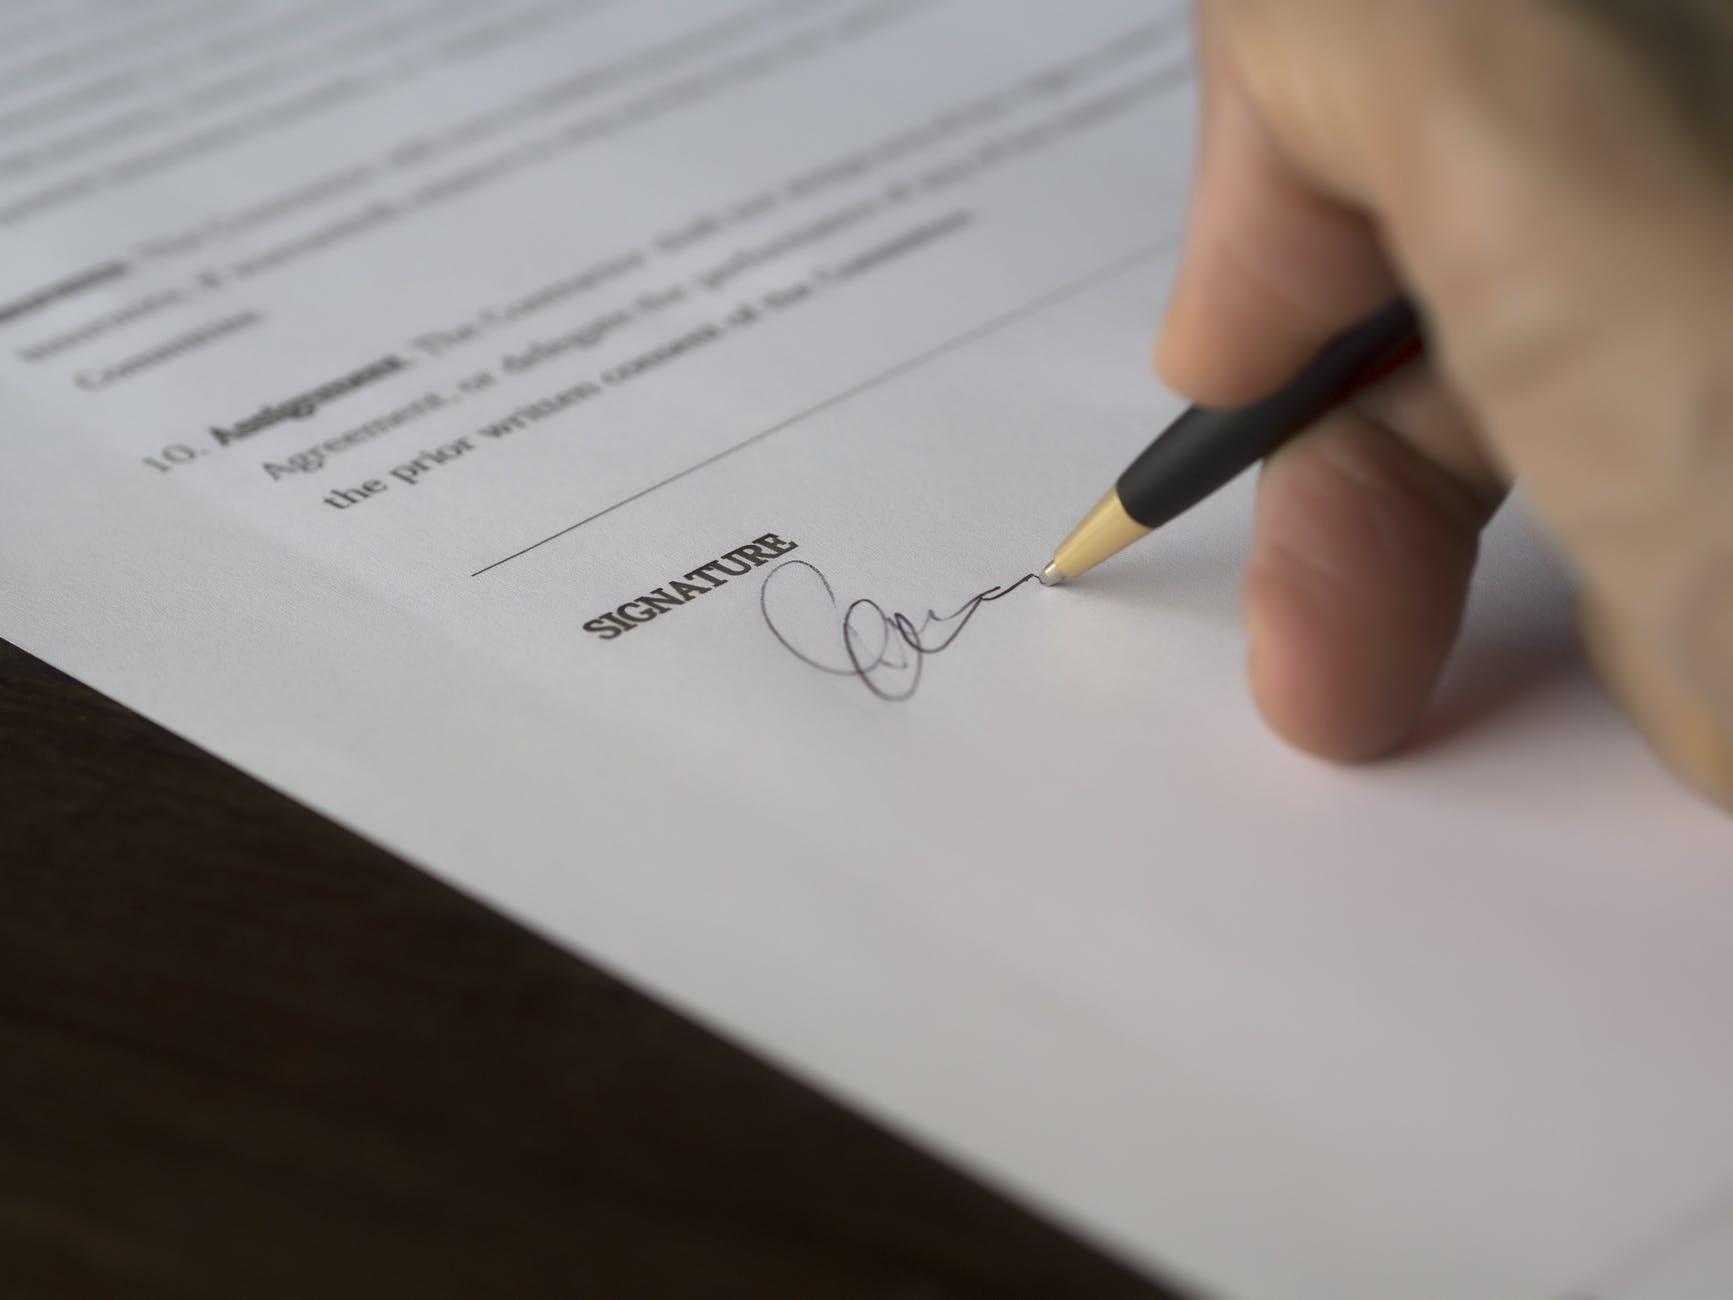 agreement blur business close-up